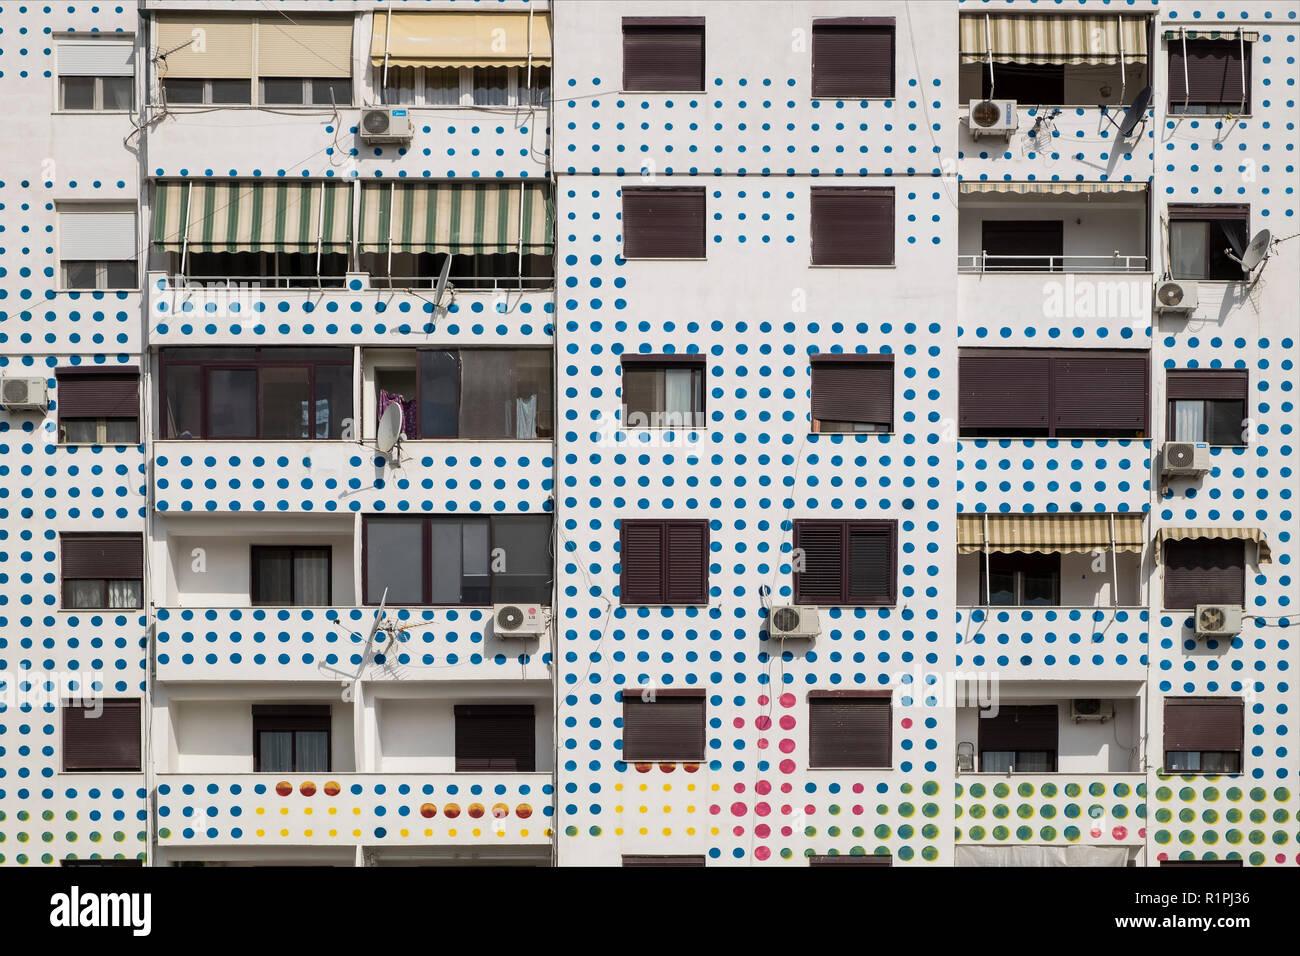 Albania, Durres, public housing - Stock Image